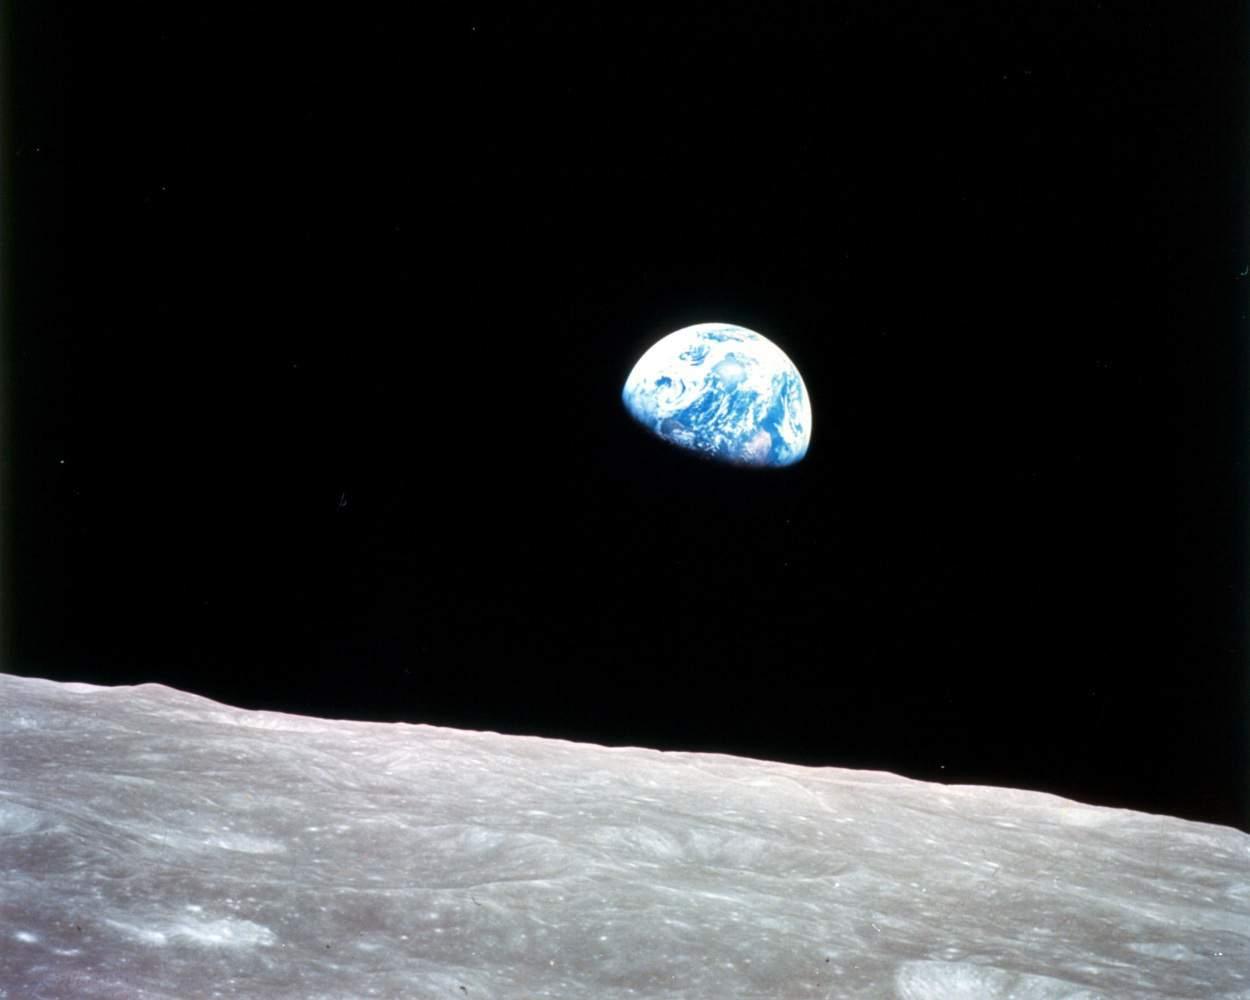 قصة خيالية عن القمر